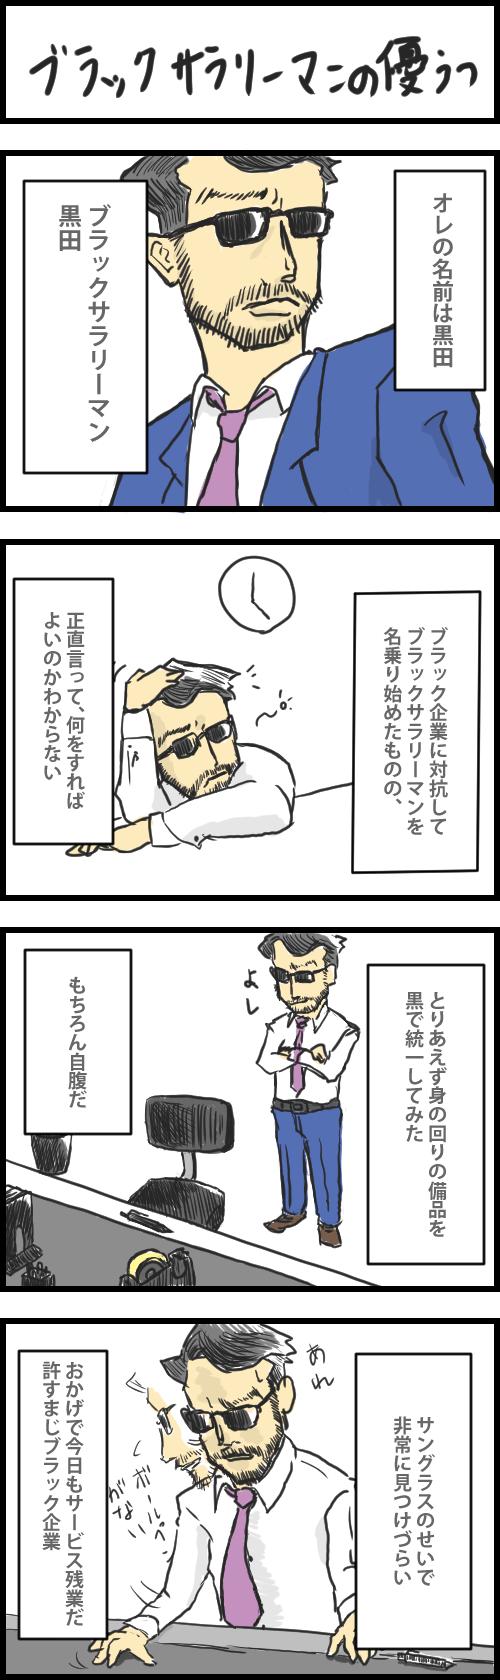 ブラックサラリーマン2話.png